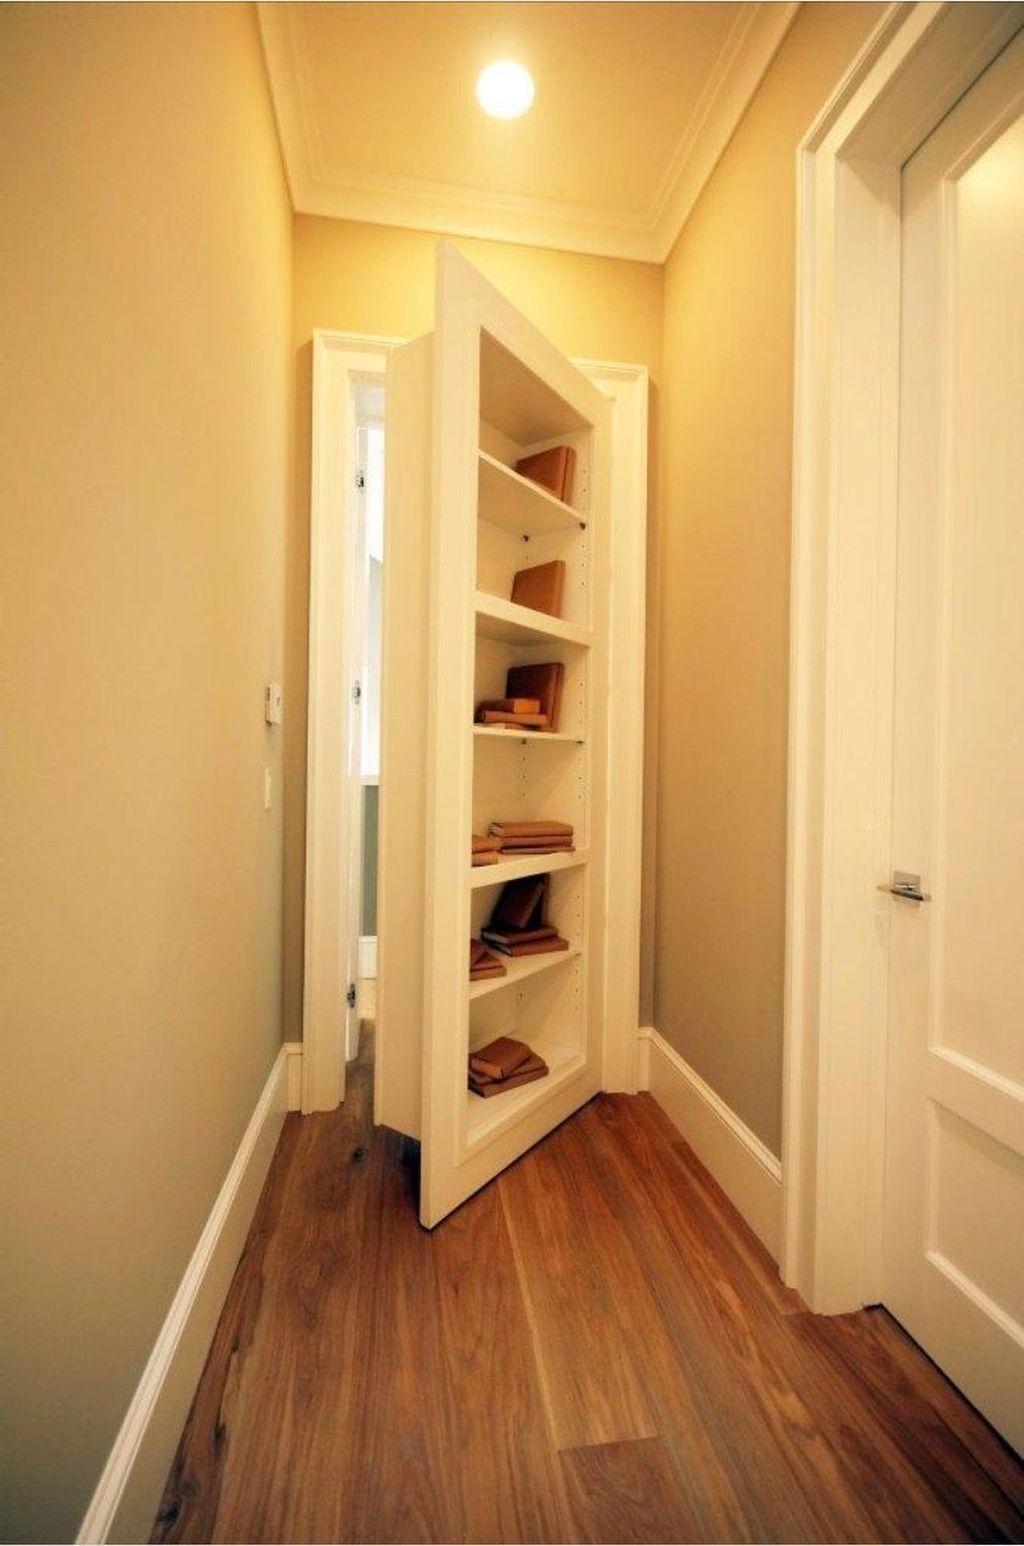 Creative hidden door design for storage and secret room ideas